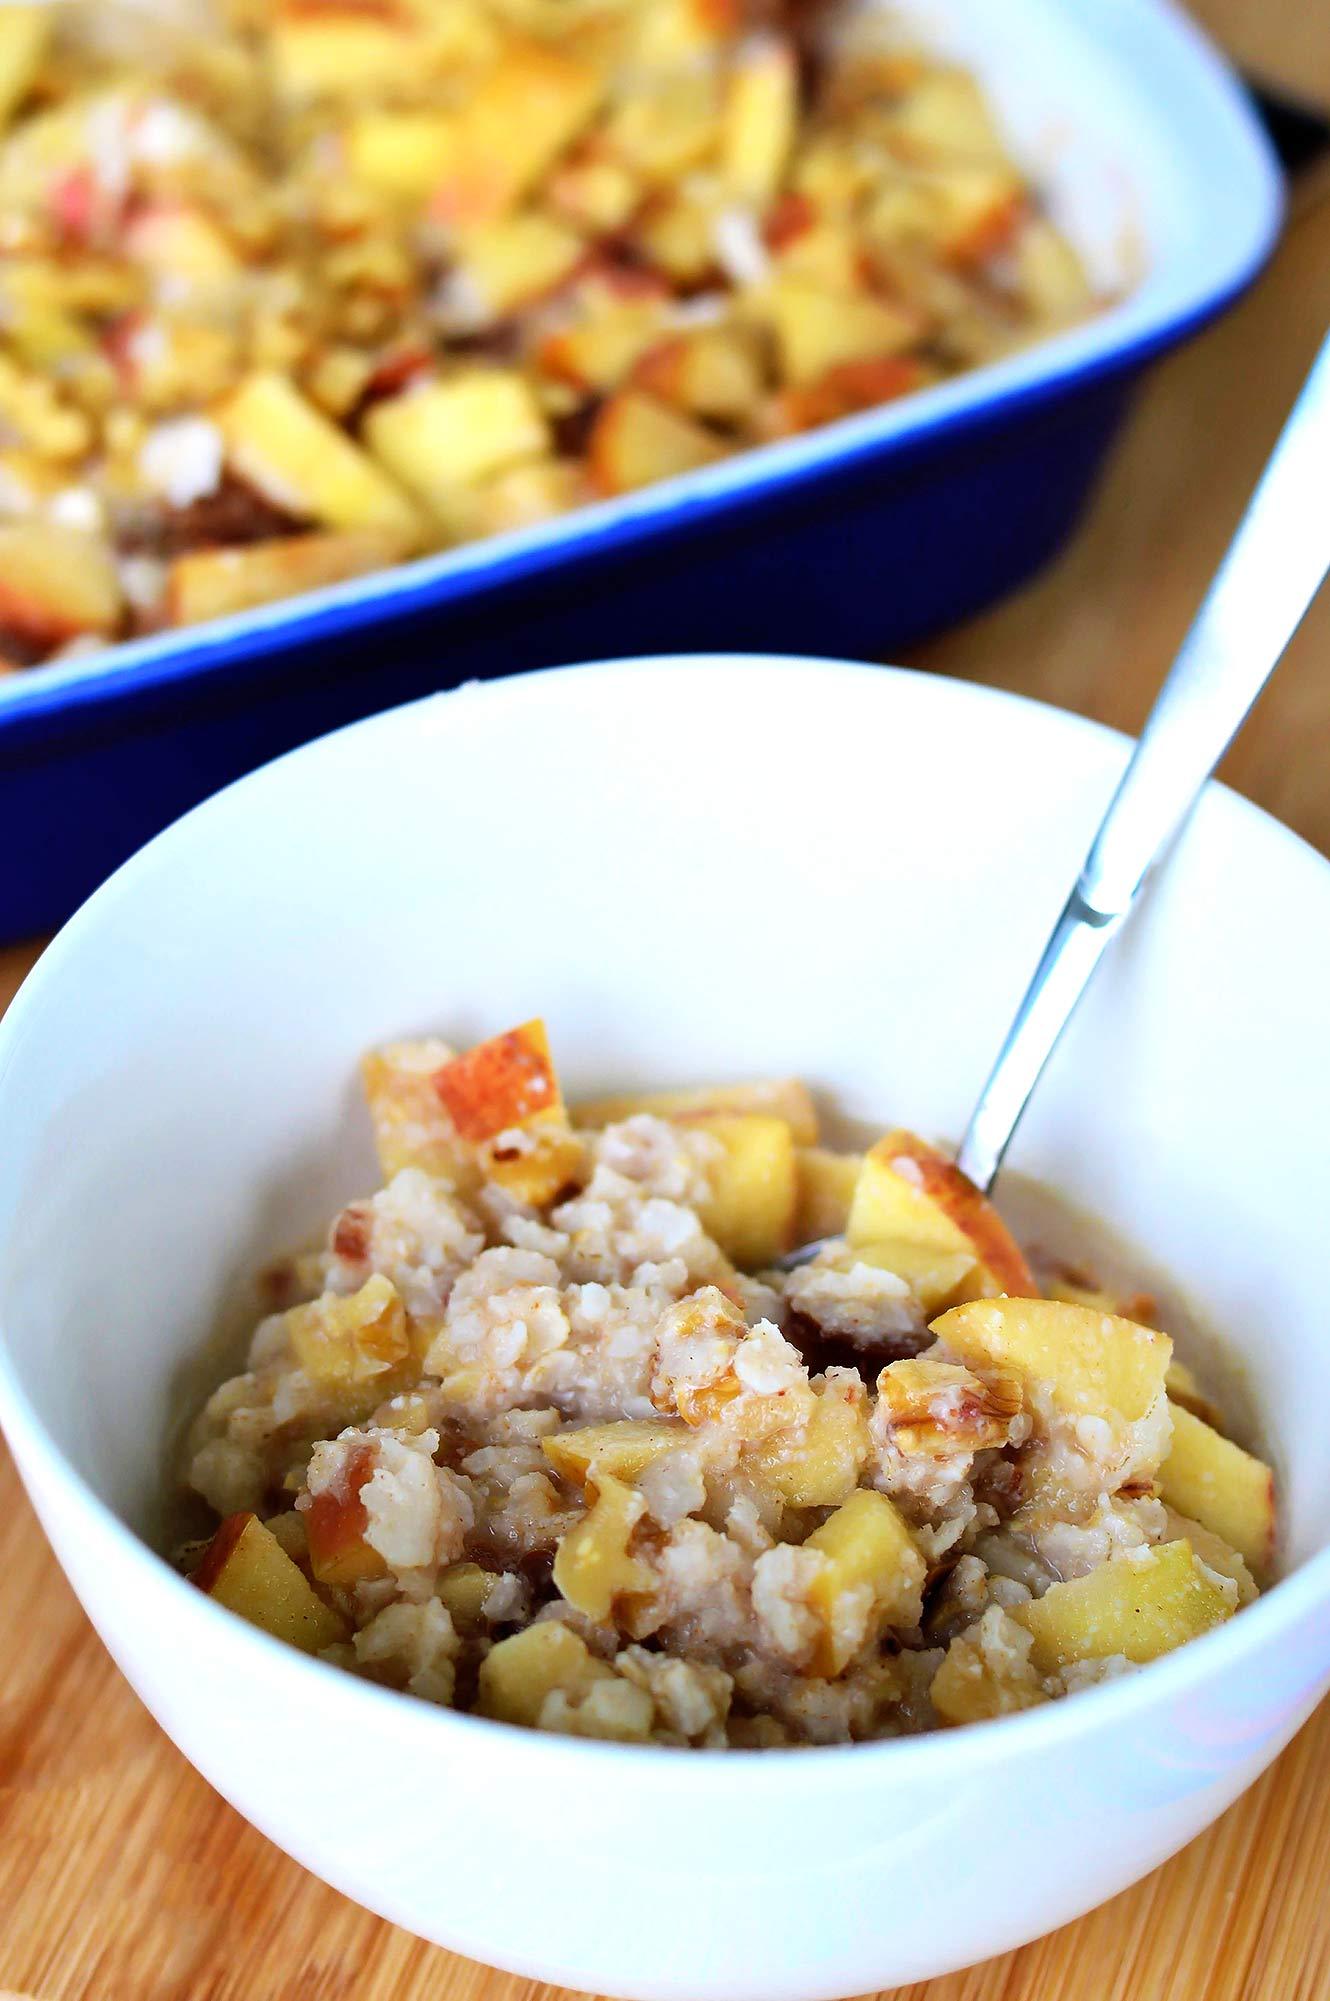 Winter Morning Porridge - a must for porridge lovers   www.thebrightbird.com